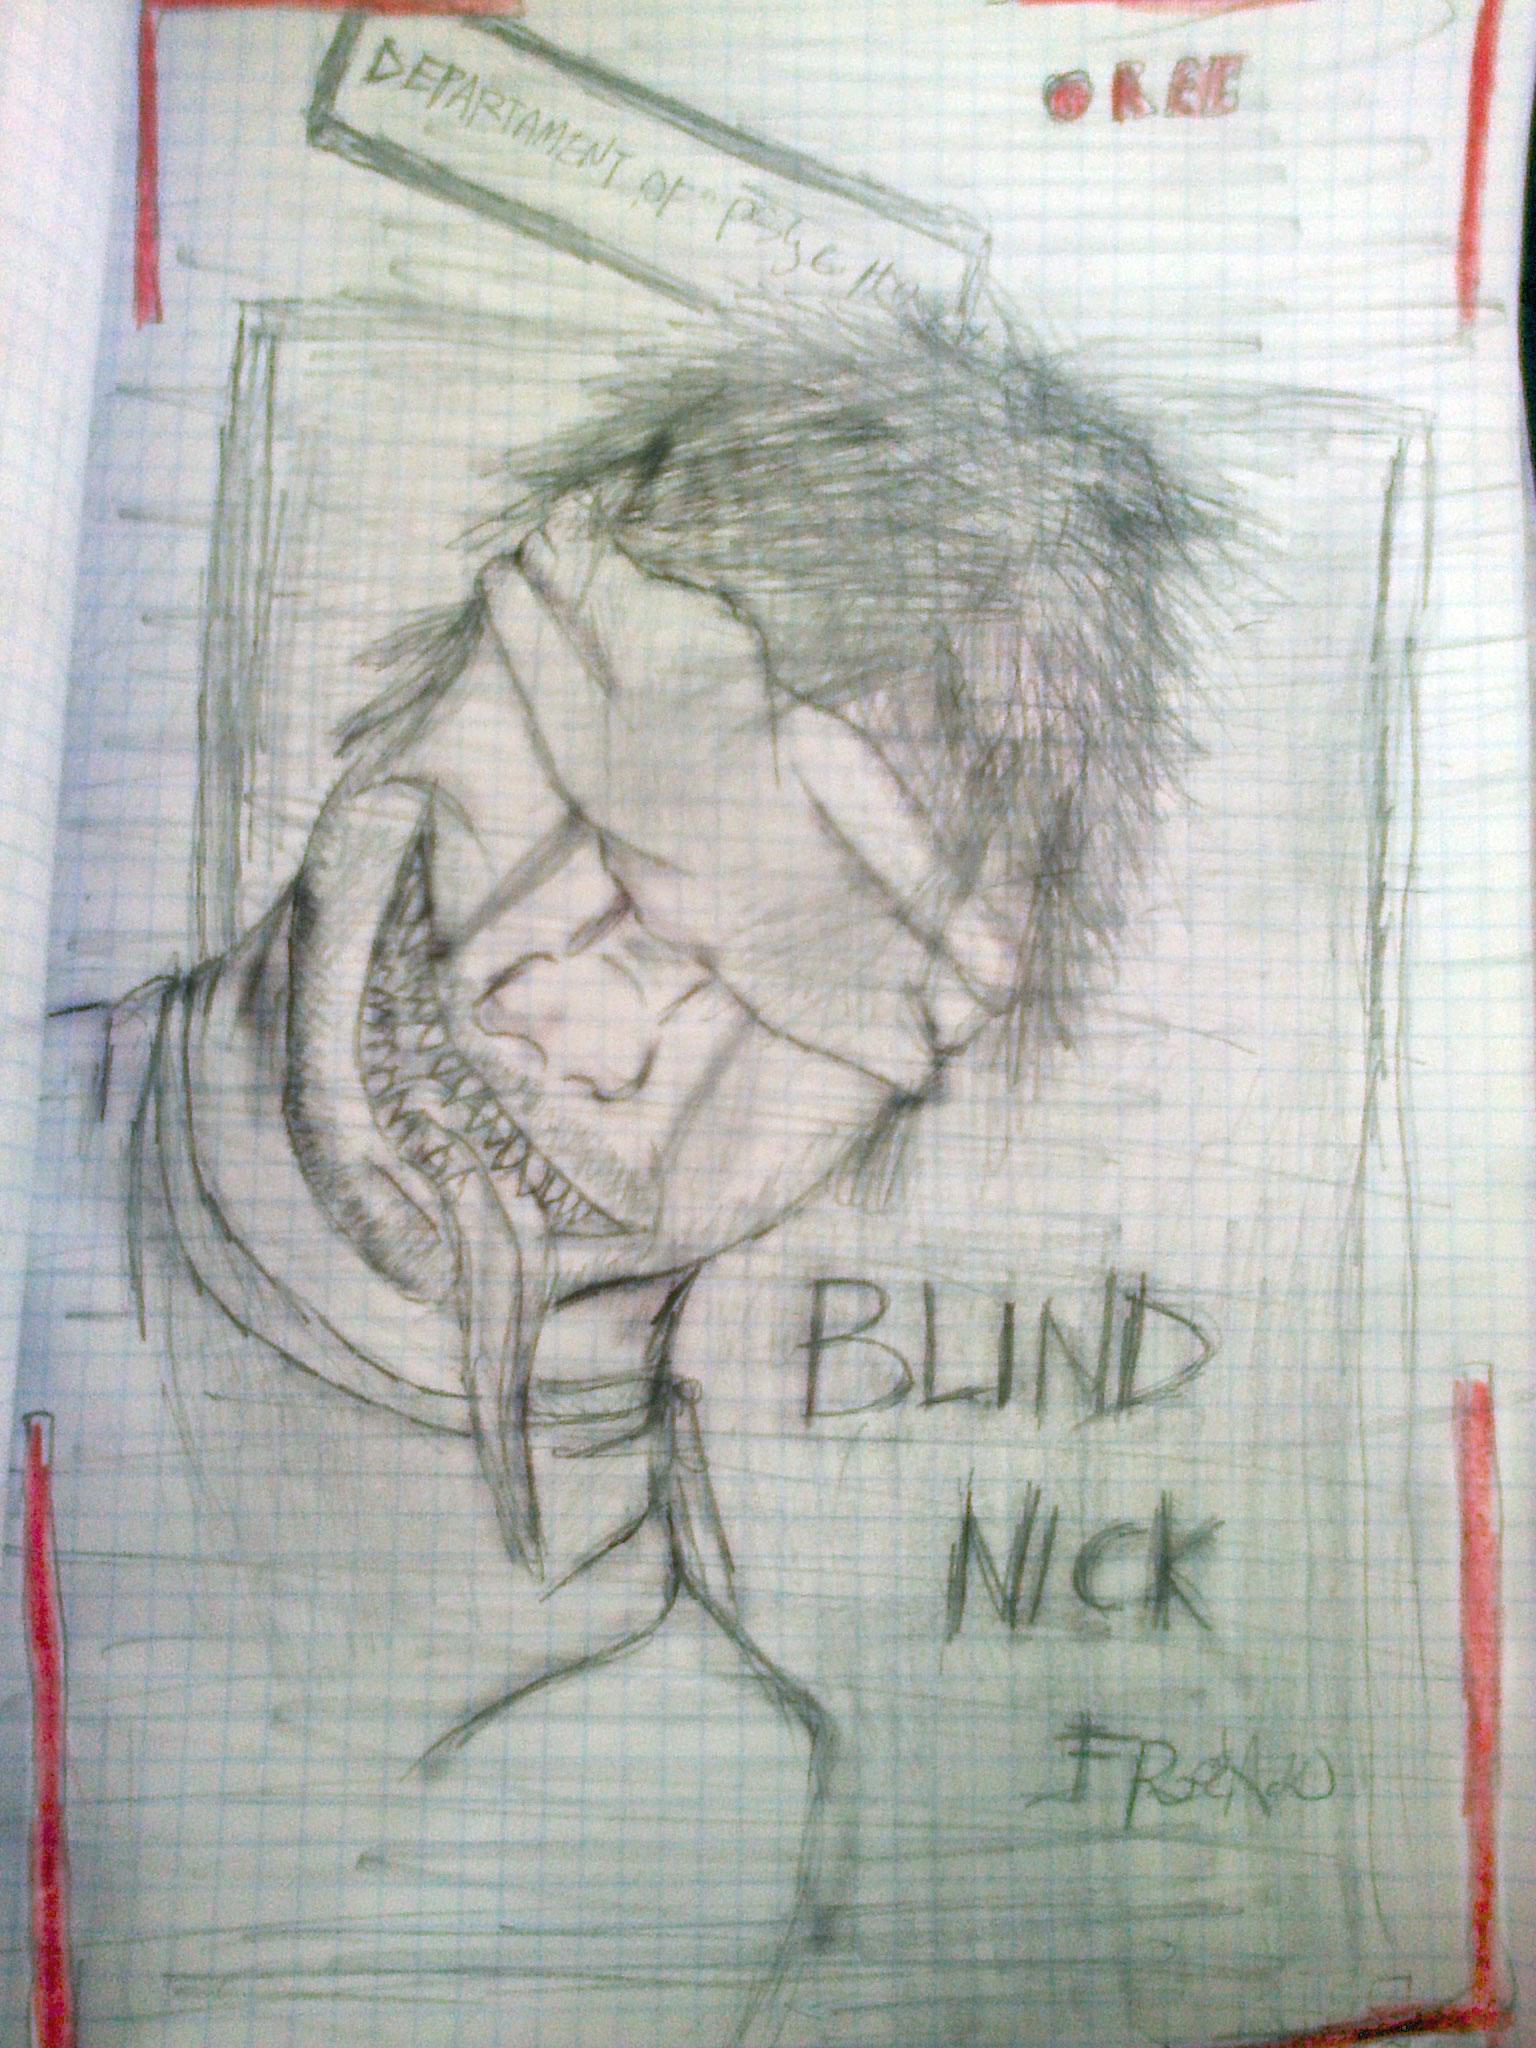 Blind Nick again!